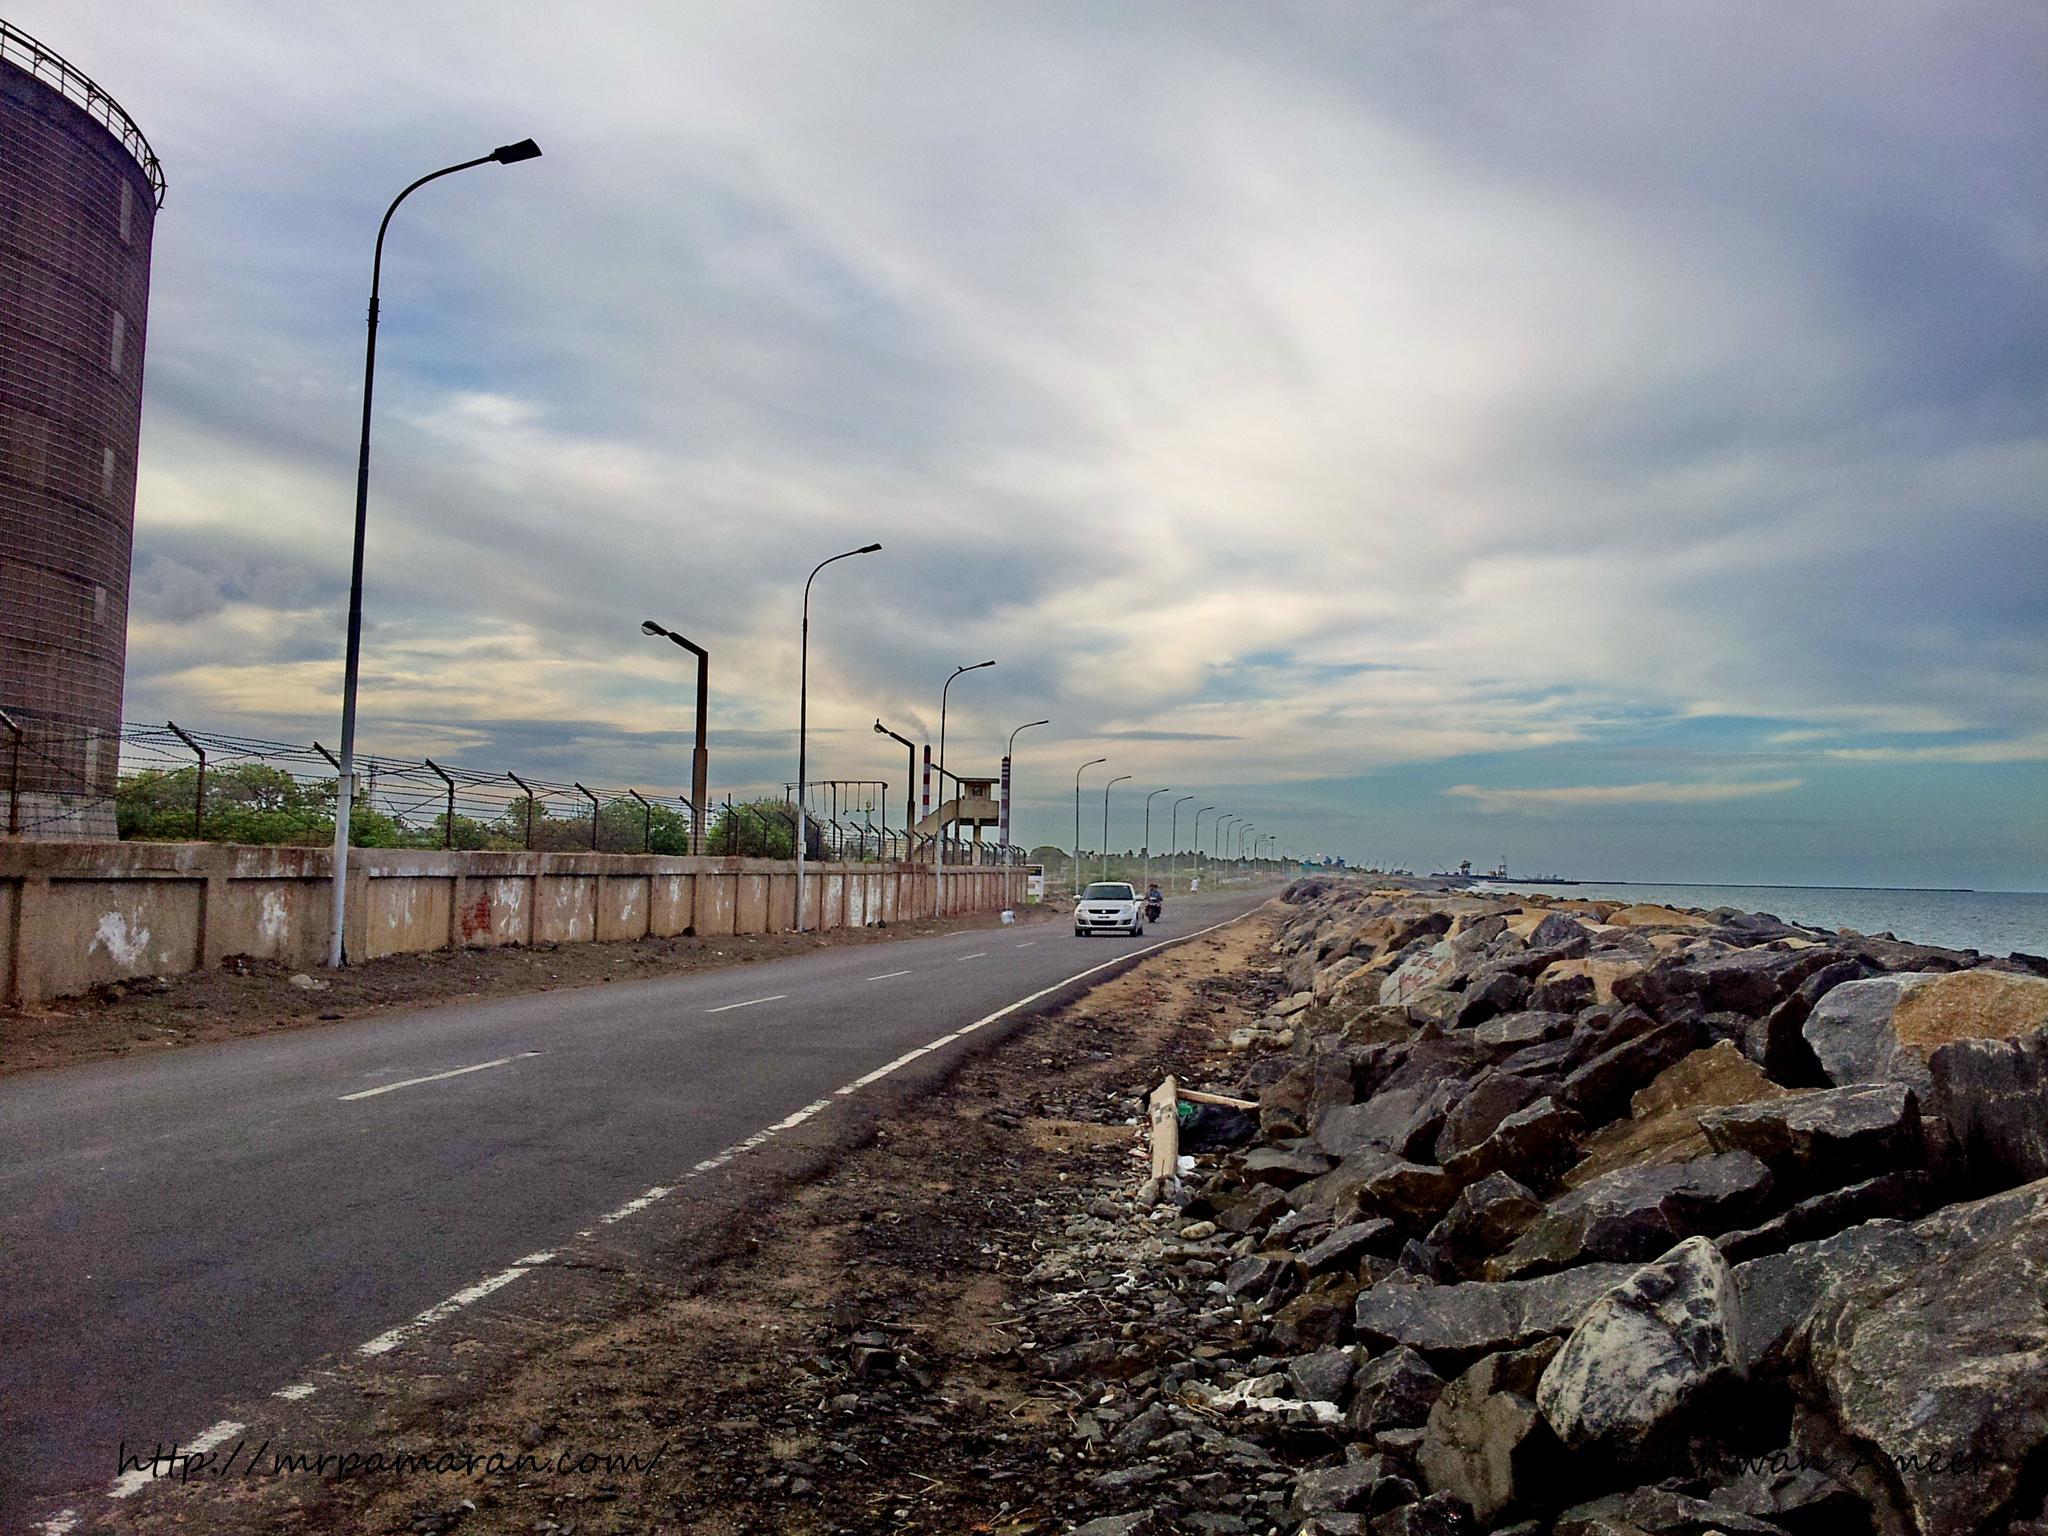 The Beach Road by Ikhwan Ameer